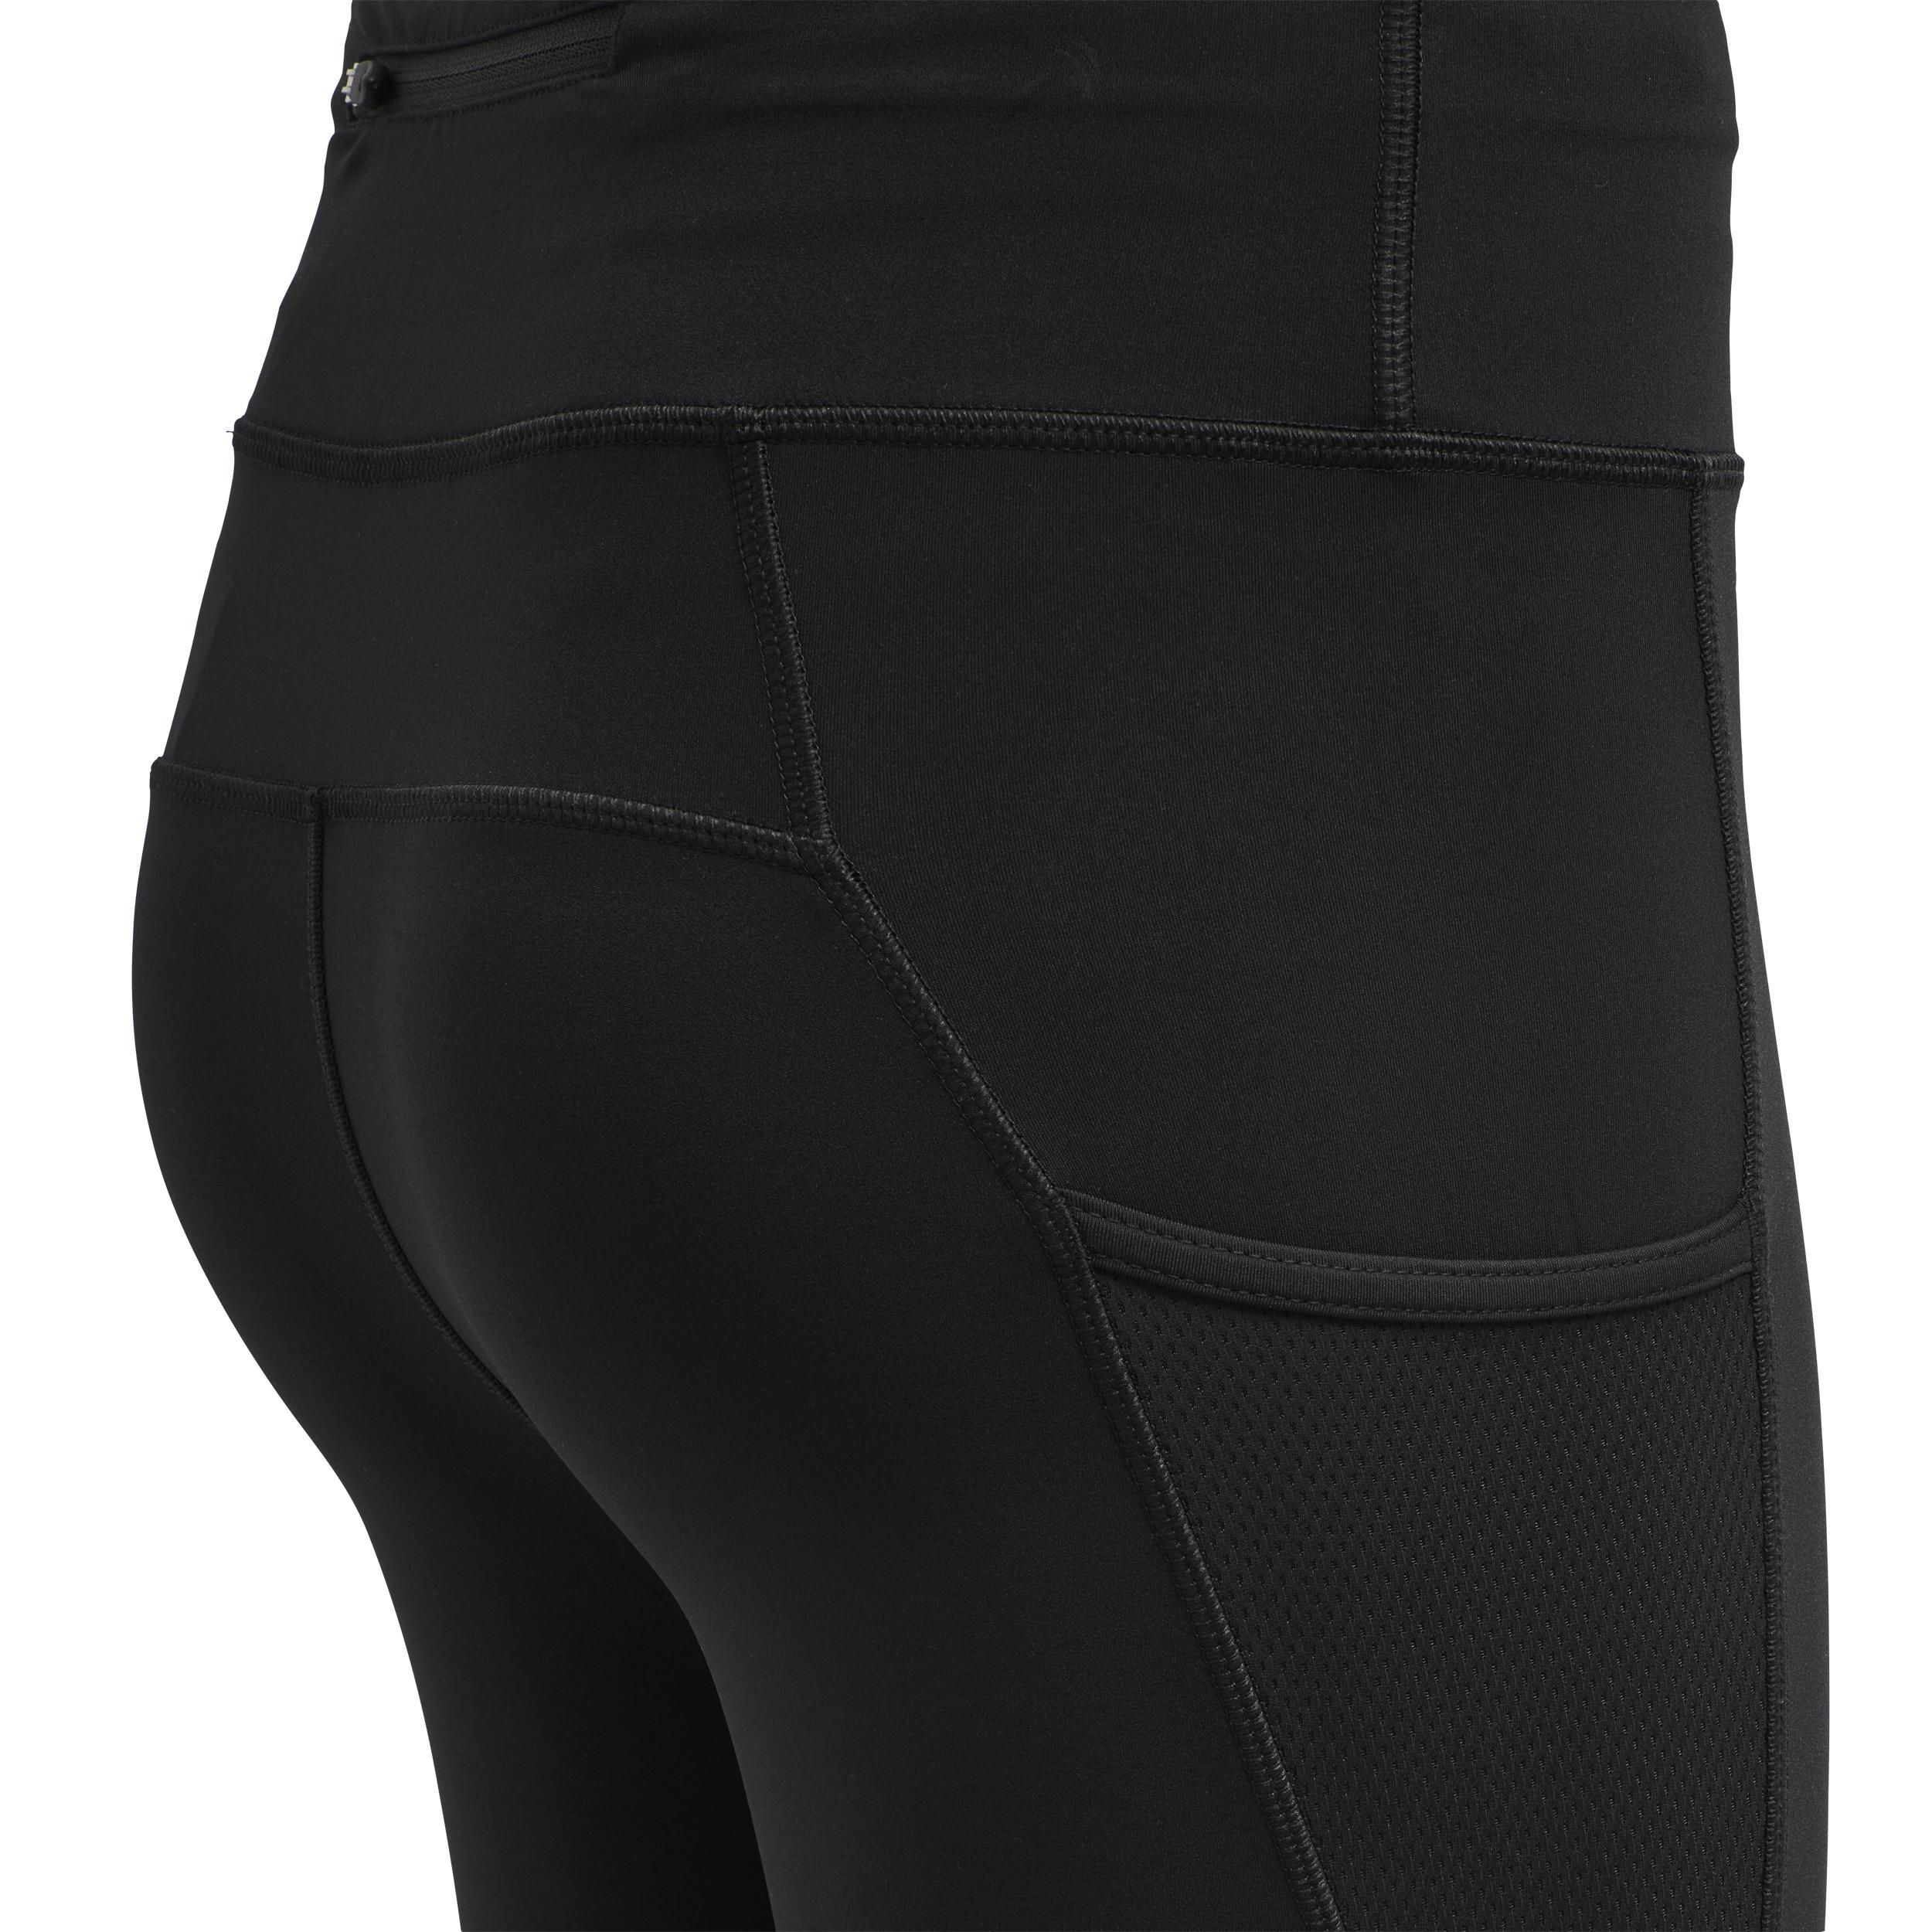 Newline W Højtaljede warm tights, black, x-large